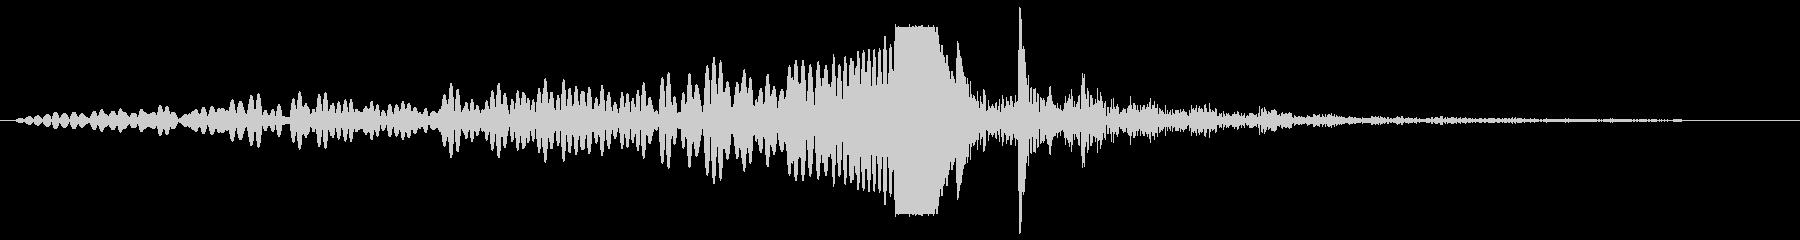 ピロンッ (決定音)の未再生の波形